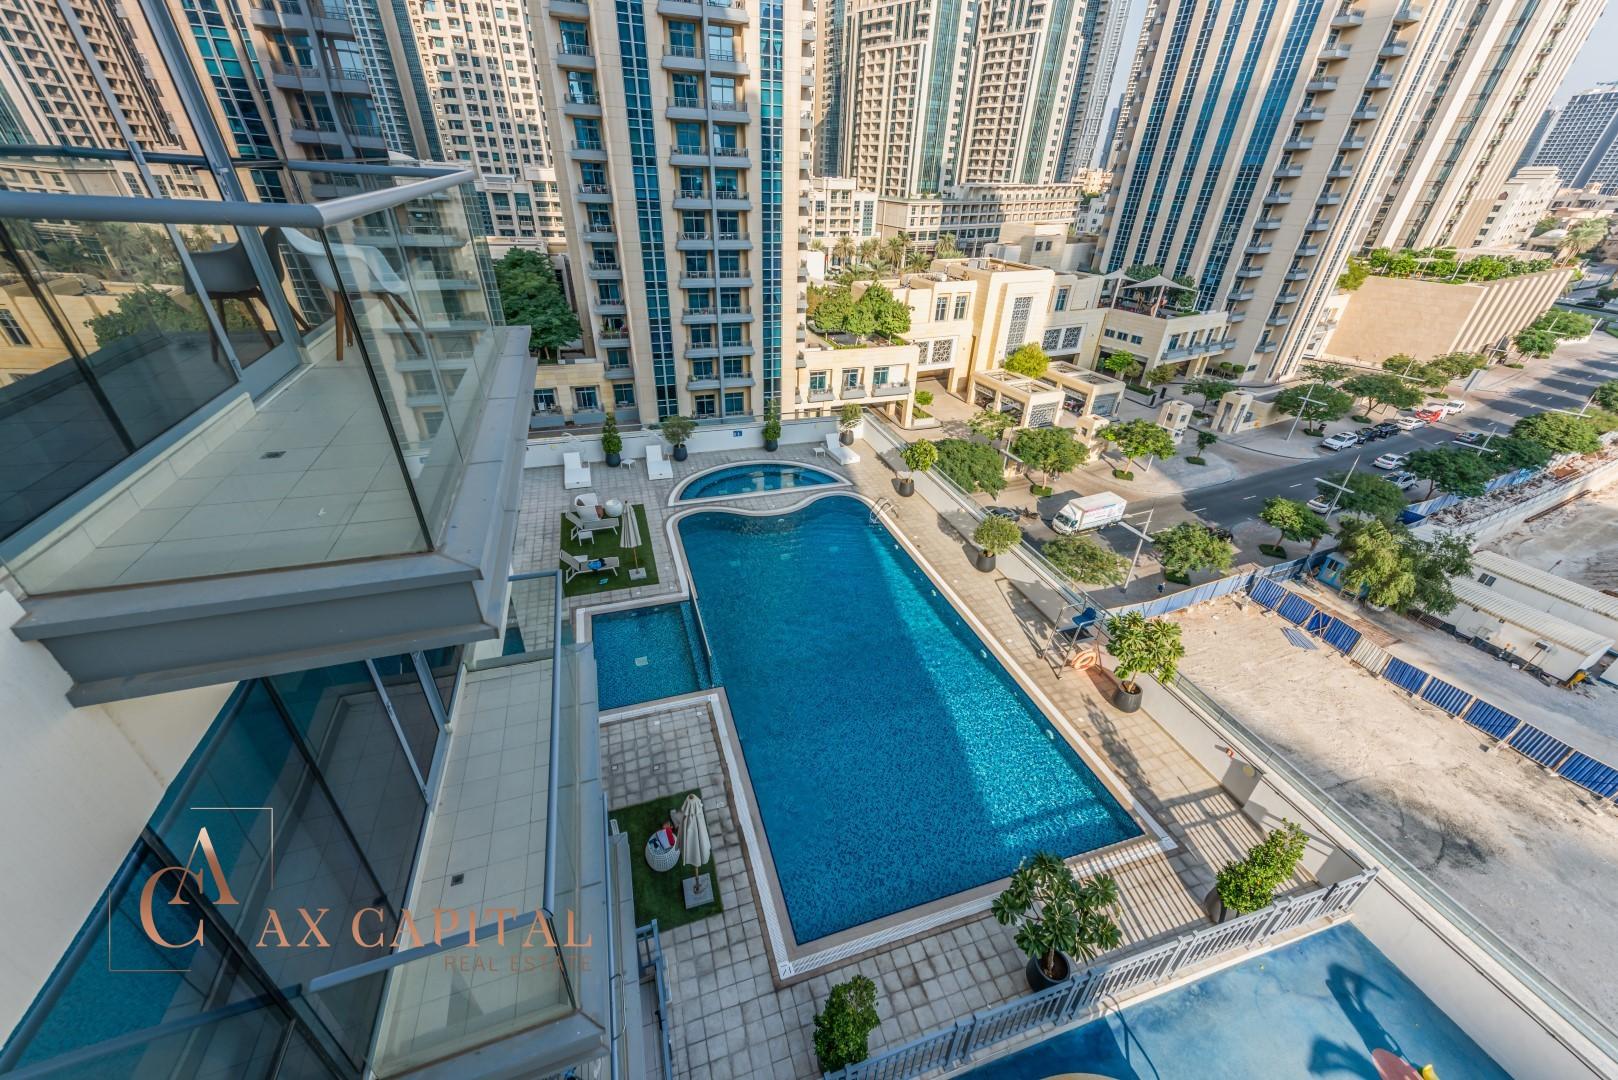 Дубай дома в аренду купить недвижимость в сша